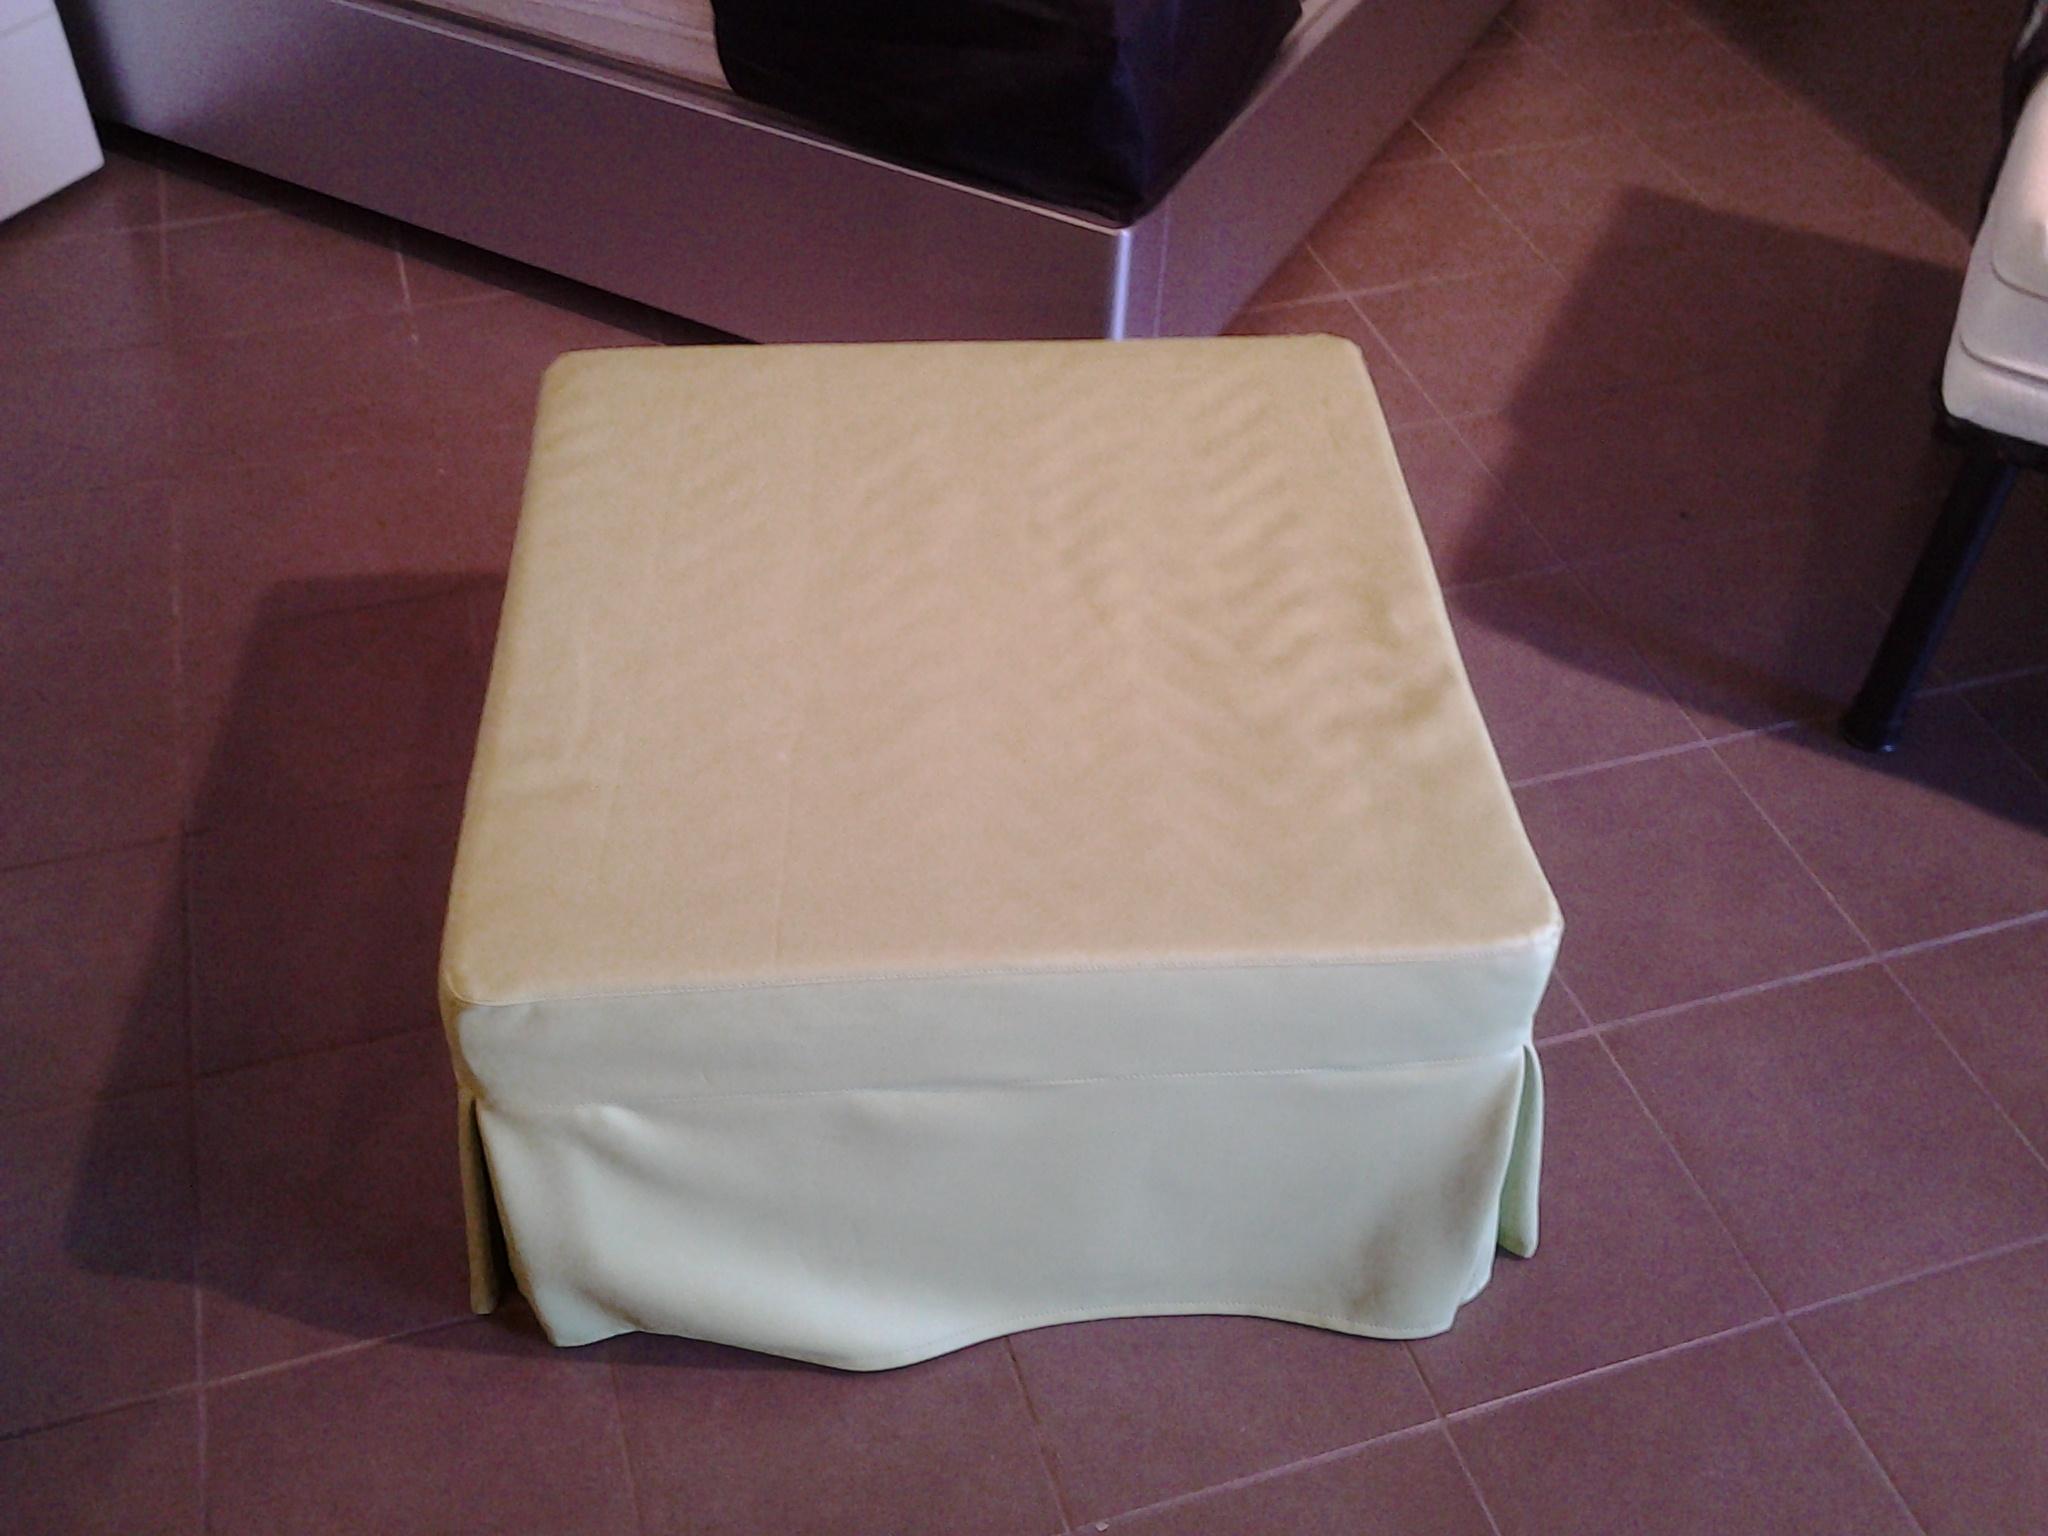 Pouf letto poltronesofa prezzo idee per la casa - Pouf letto ikea prezzo ...